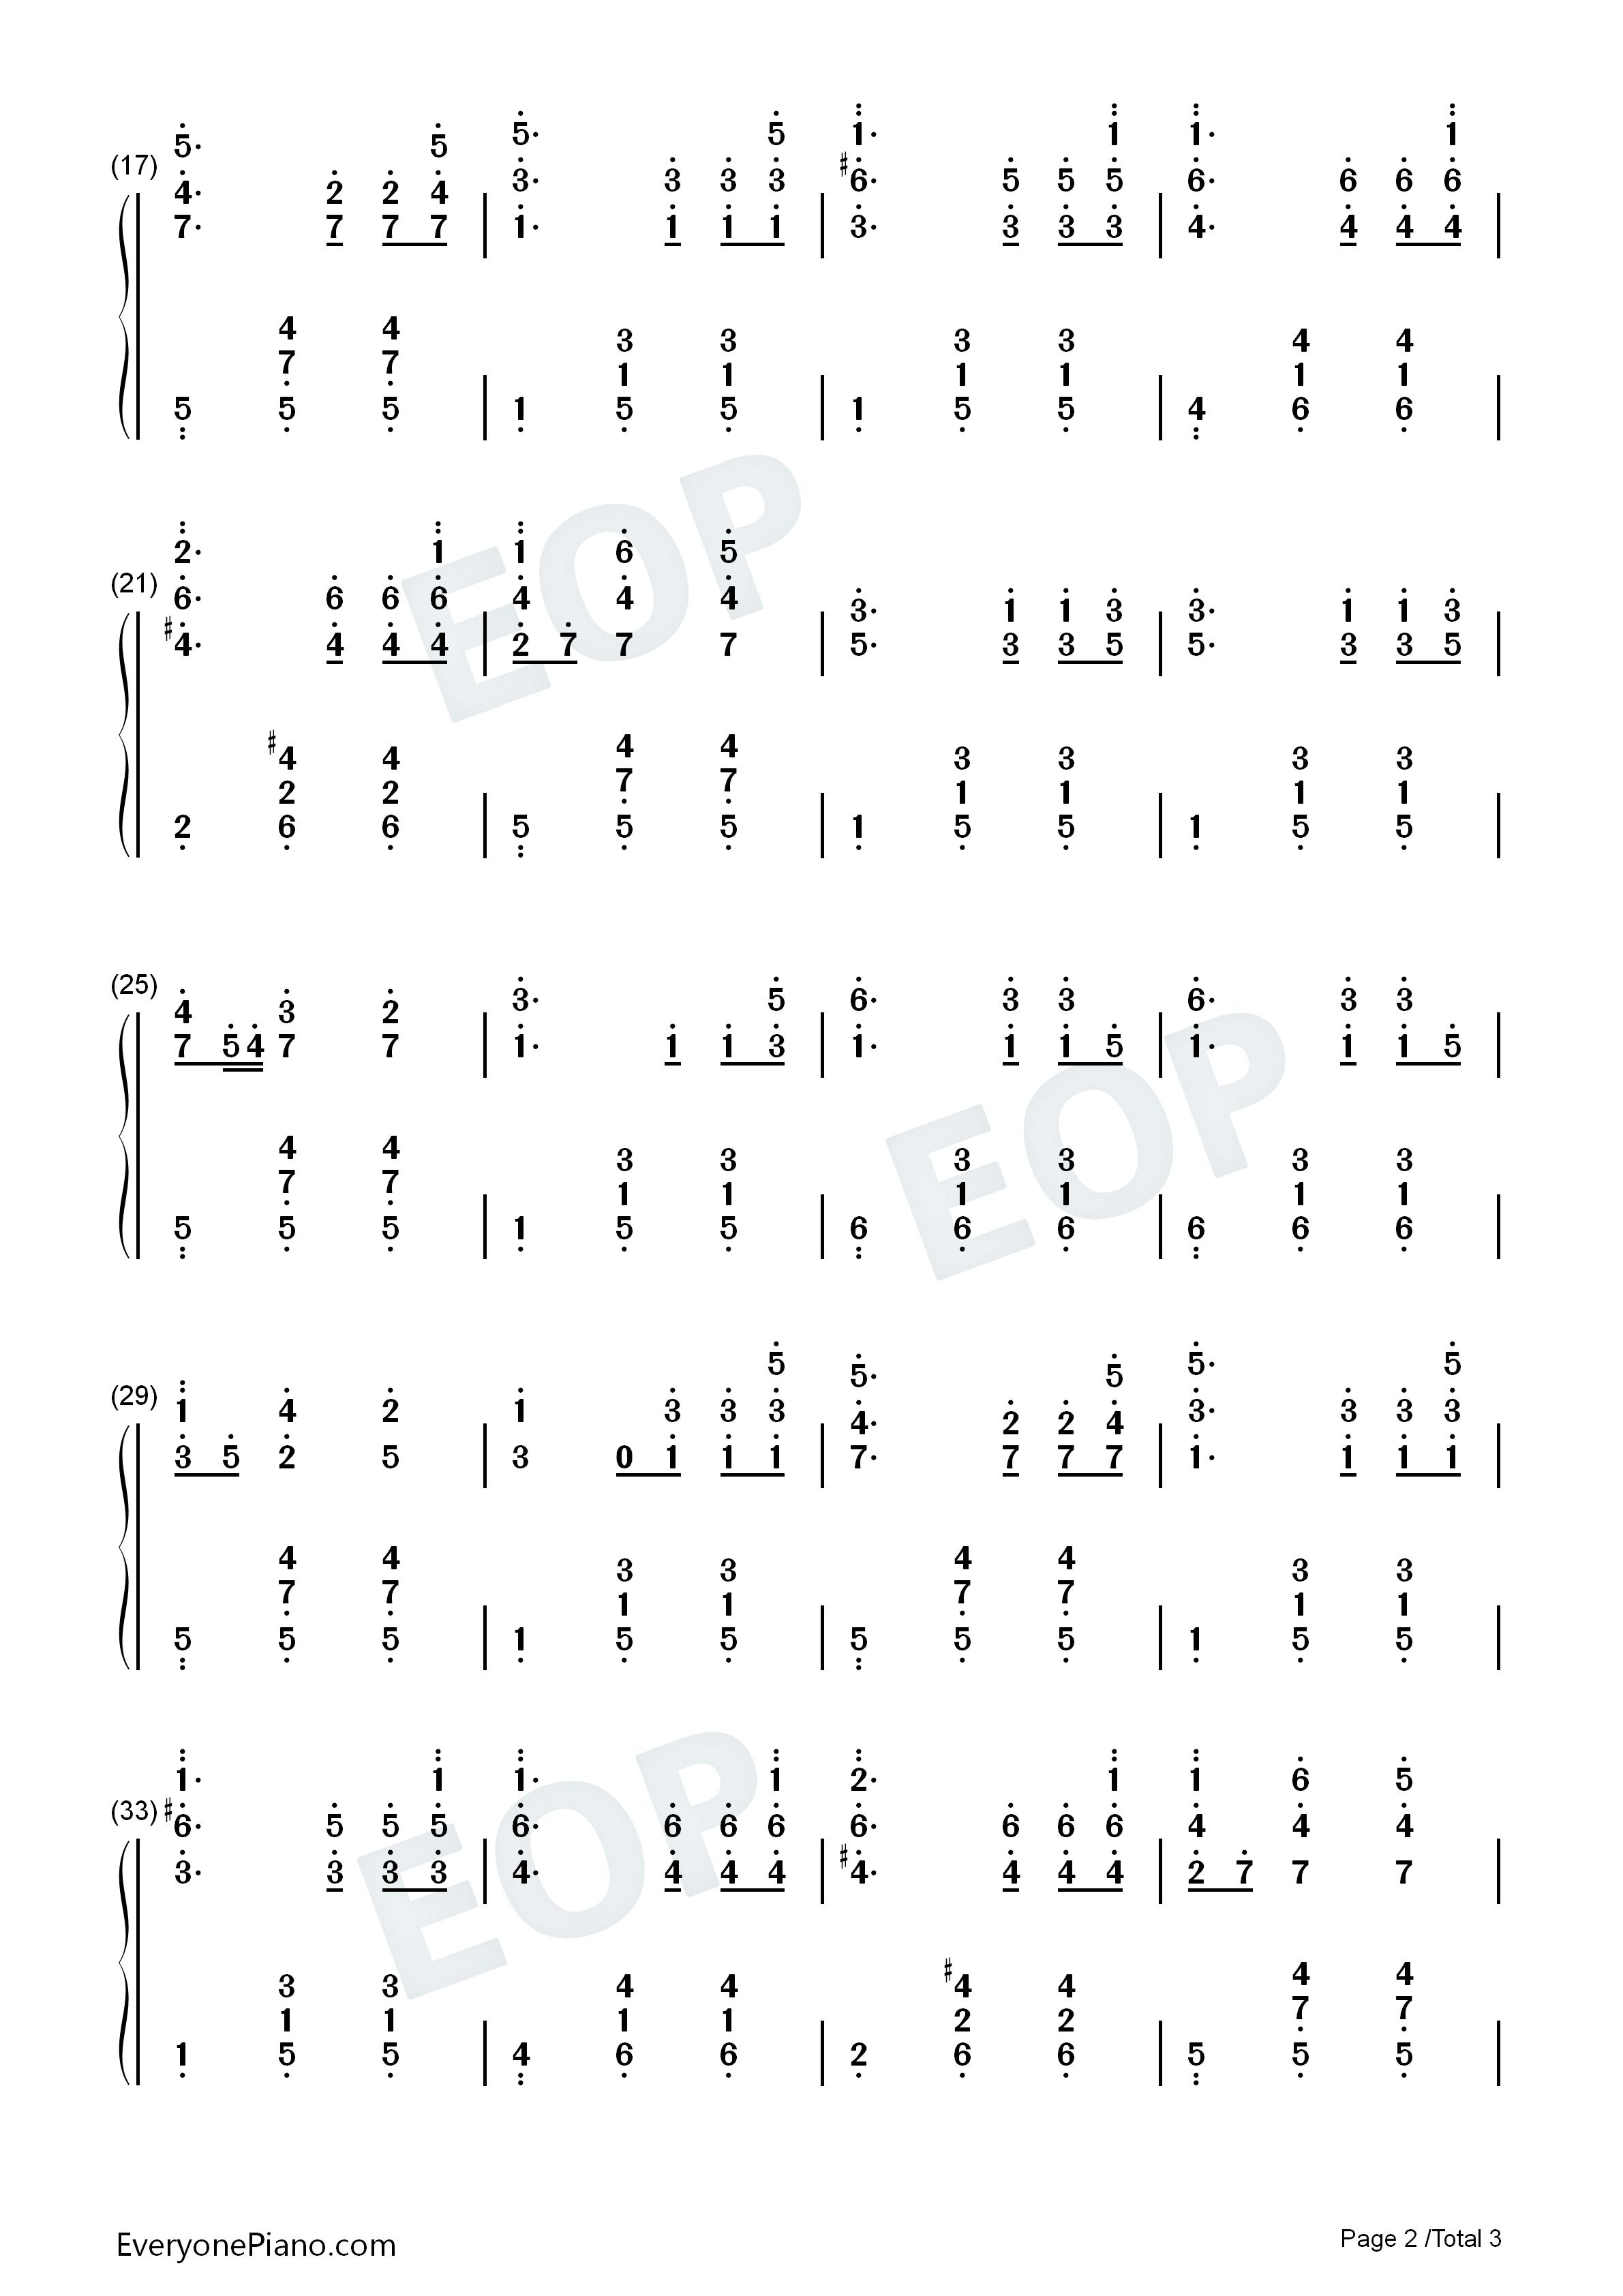 降a大调圆舞曲-勃拉姆斯双手简谱预览2